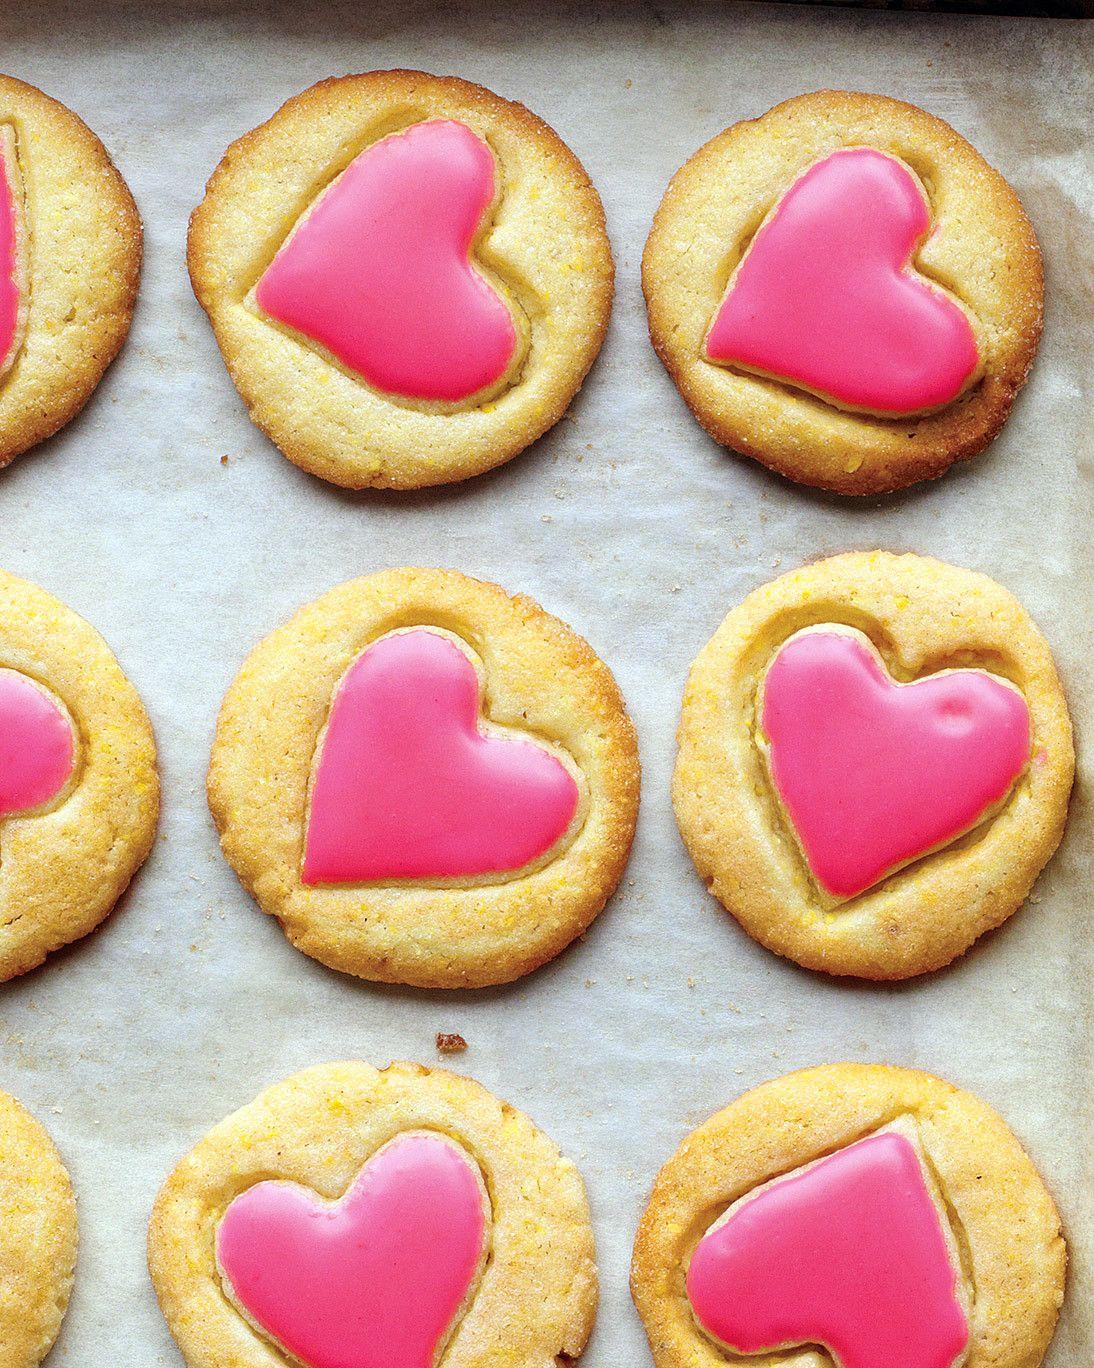 postres originales para completar tu menu san valentin, galletas de mantequilla con decoración en forma de corazón